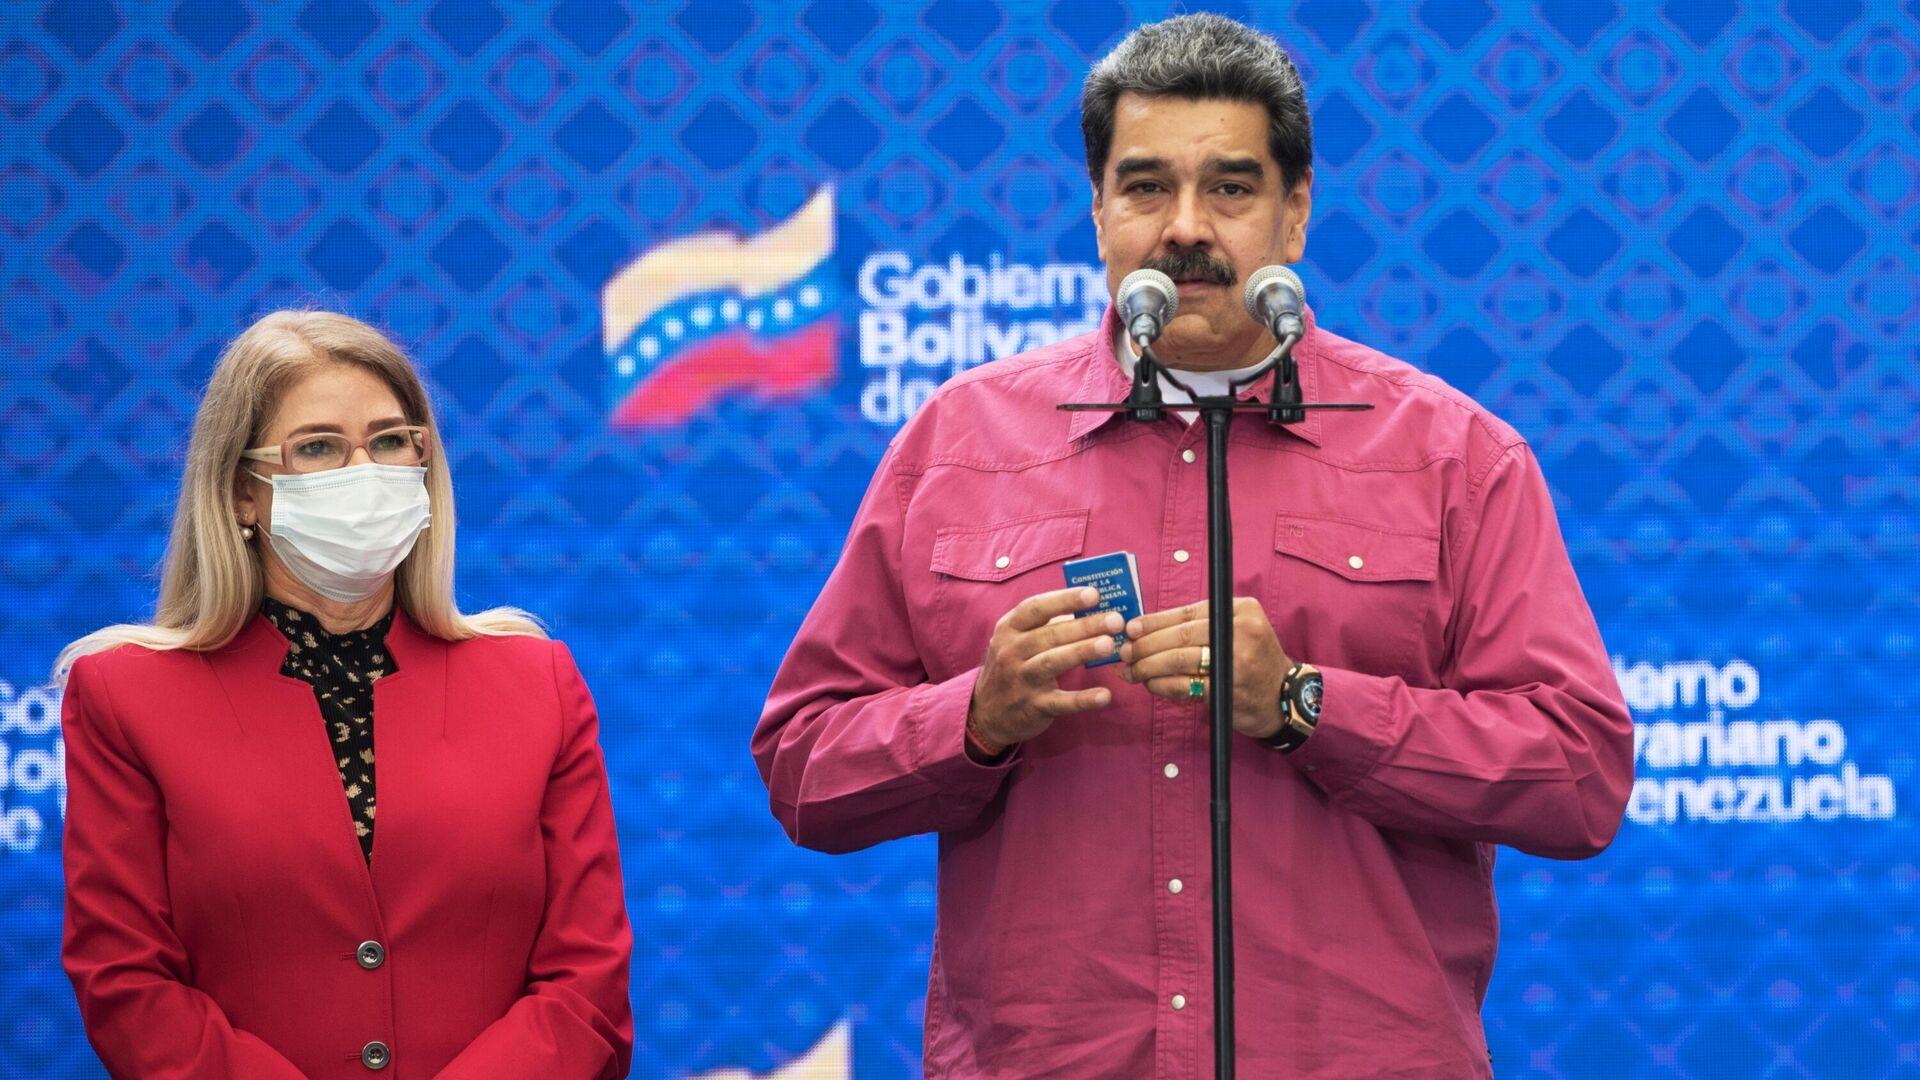 Президент Венесуэлы Николас Мадуро на брифинге после своего участия в голосовании в парламентских выборах  - РИА Новости, 1920, 08.12.2020